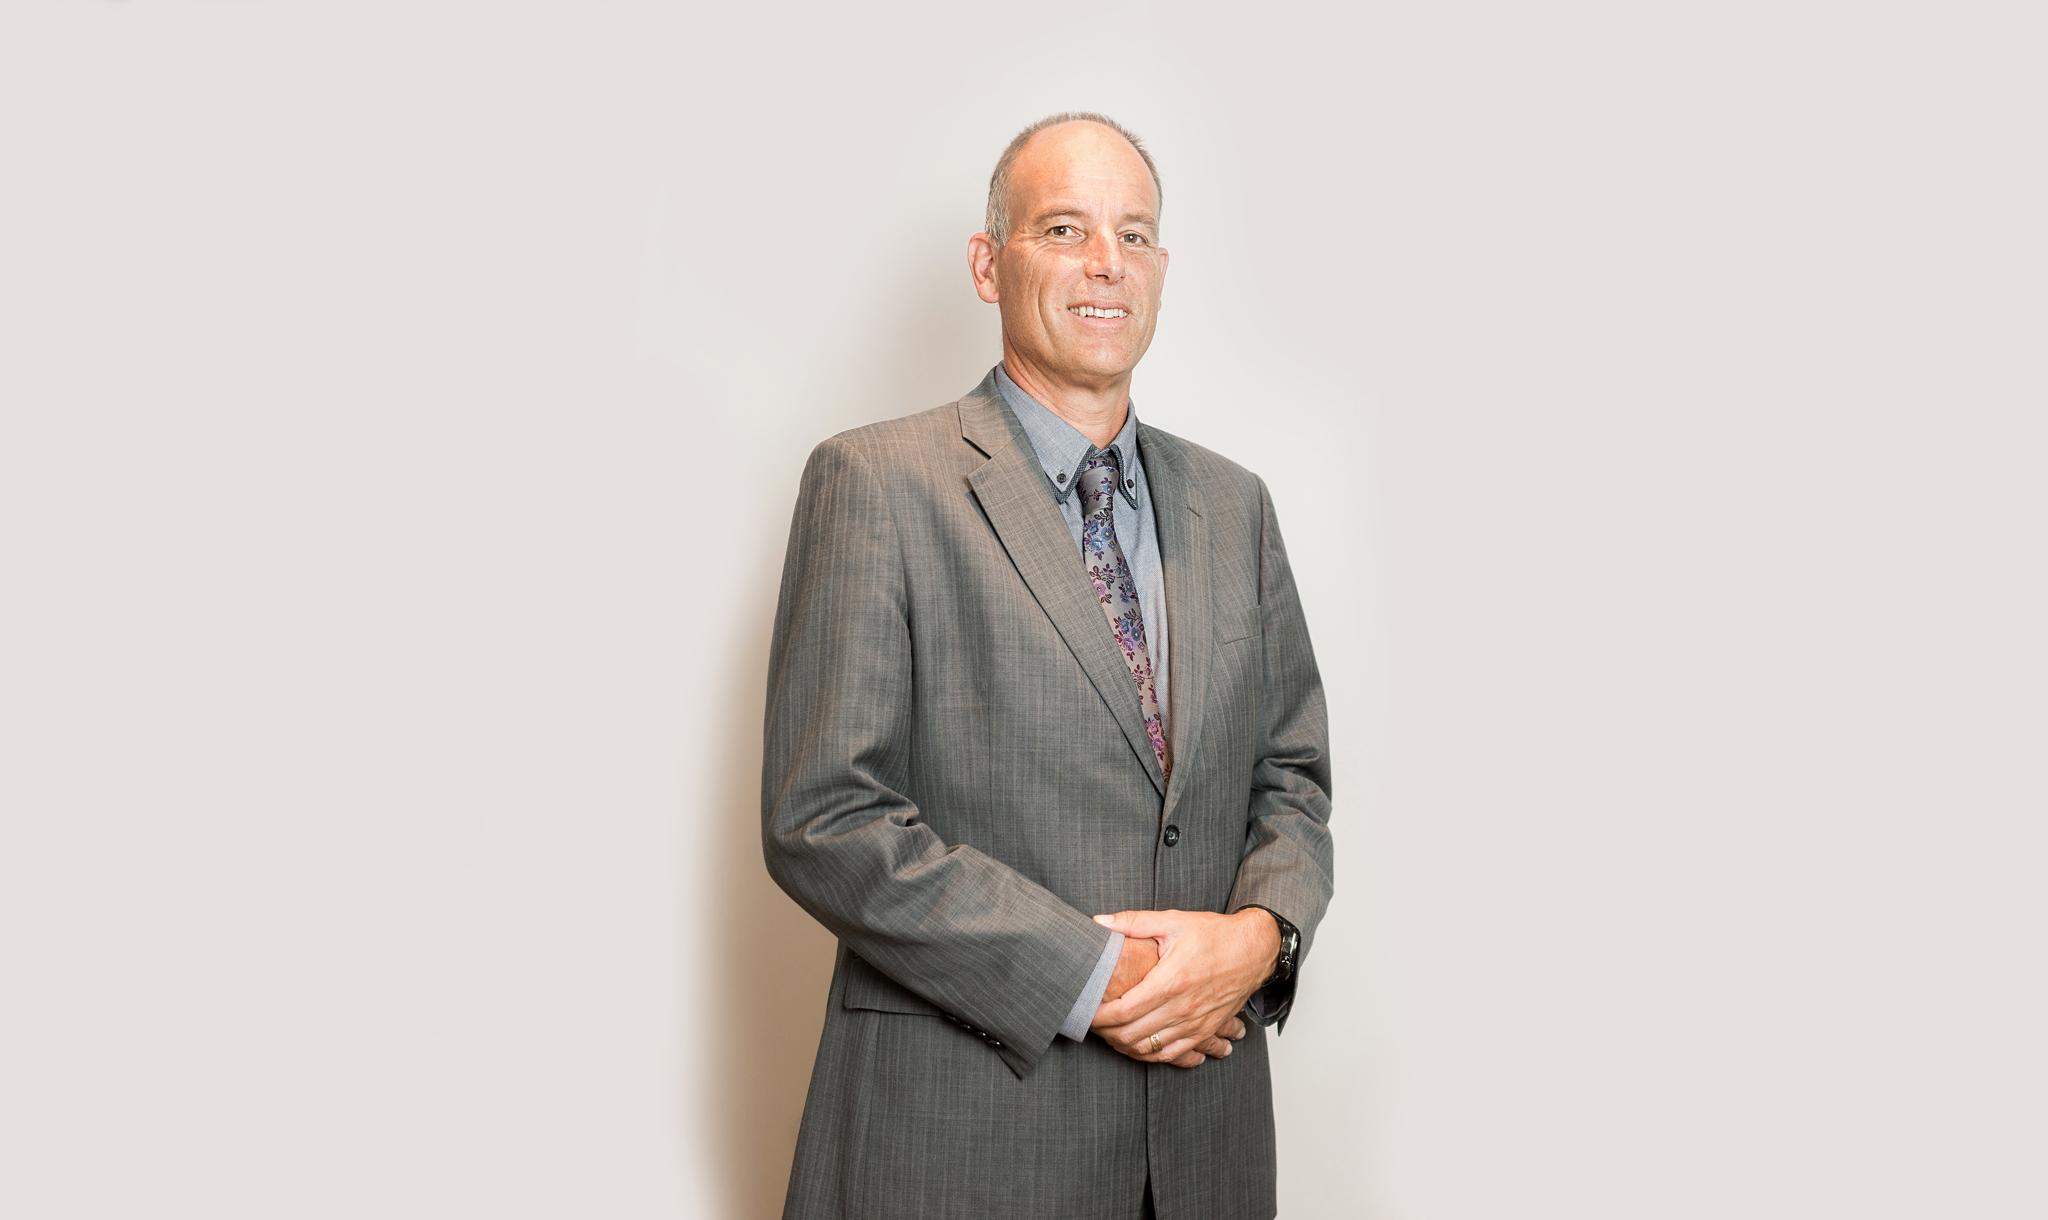 Dr. Martin Kittel